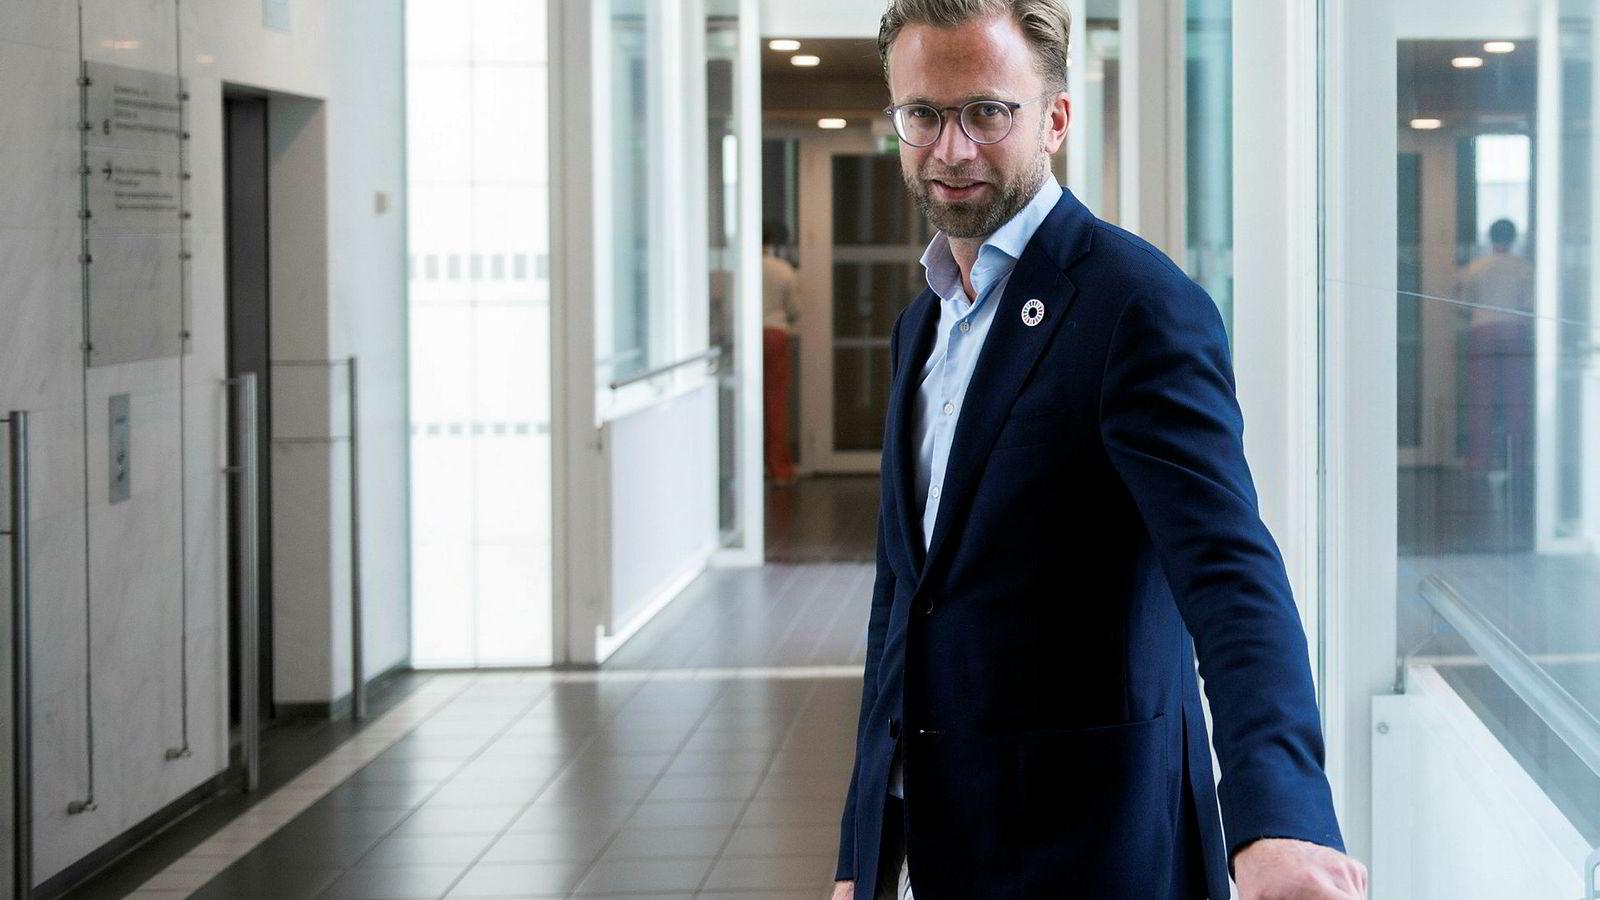 Regjeringen og digitaliseringsminister Nikolai Astrup er i ferd med å utarbeide en strategi for kunstig intelligens. Vi trenger en plan for å håndtere utfordringene kunstig intelligens bringer med seg.